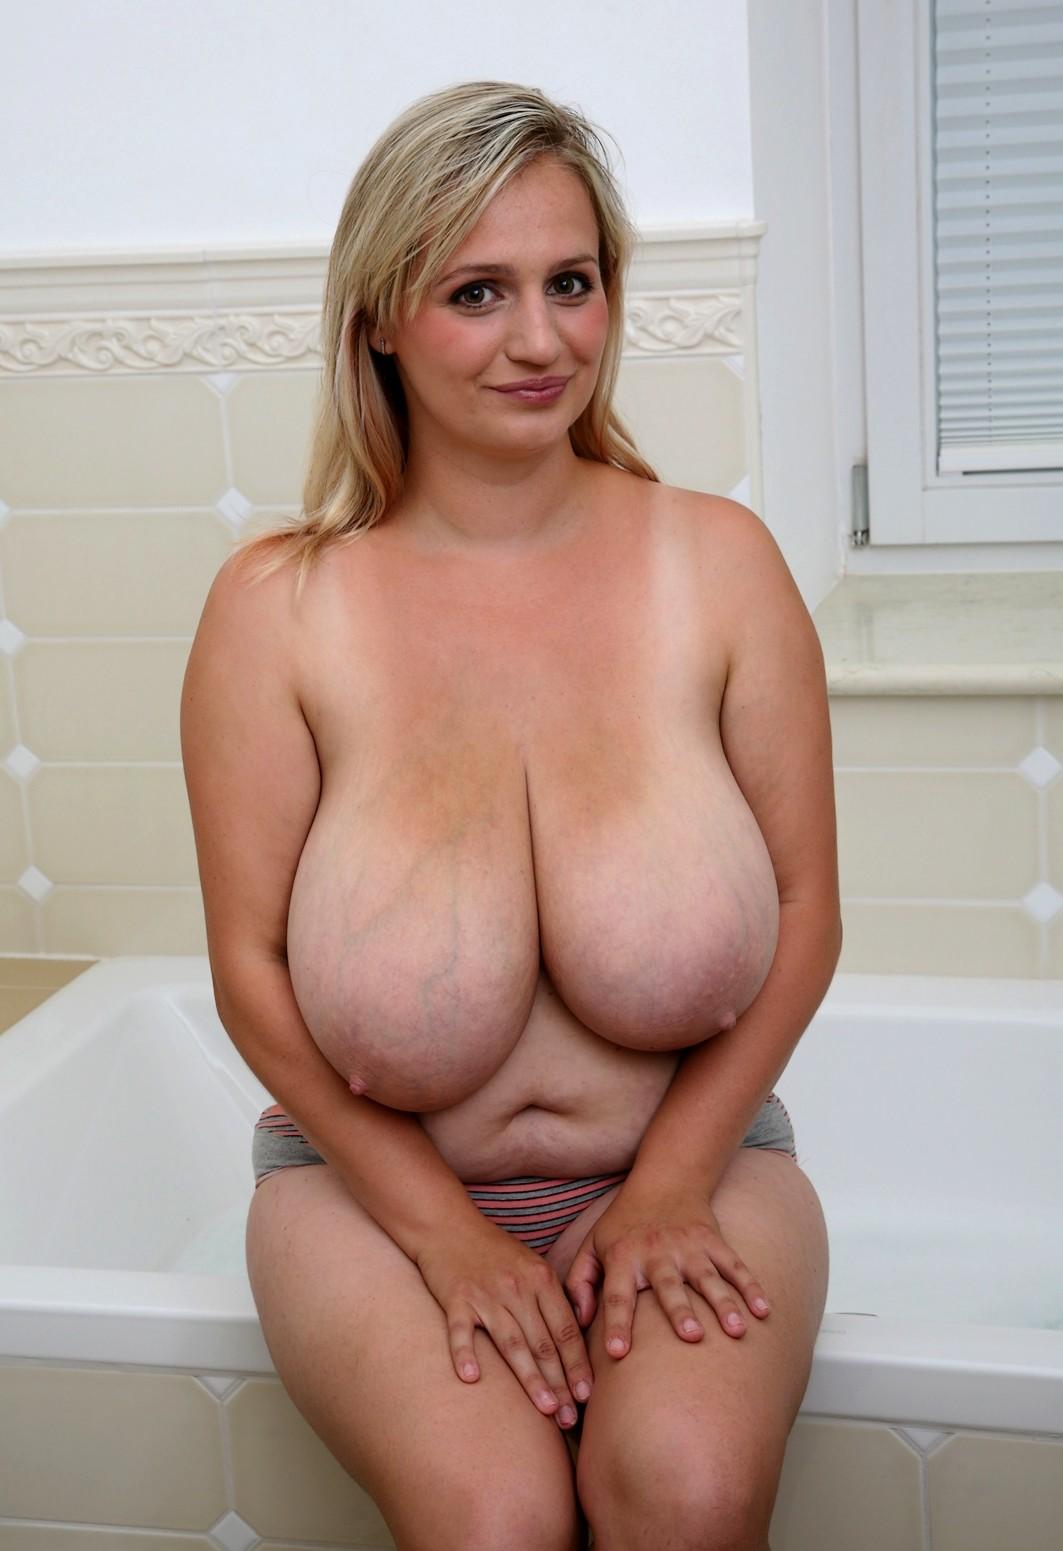 Большие груди мамочки картинки